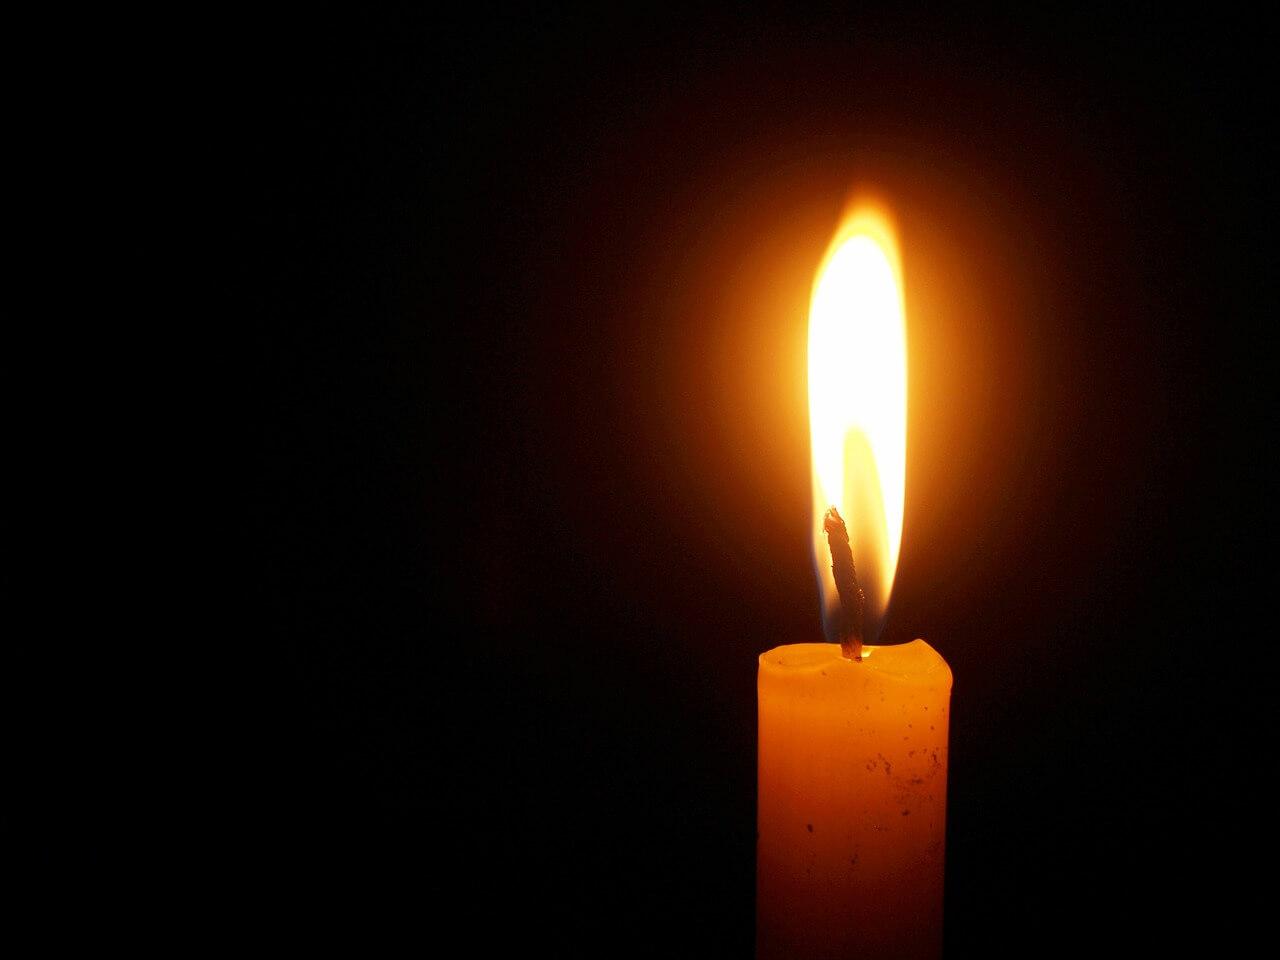 Frohe Weihnachten Für Trauernde.Weihnachtsgrusse Trotz Todesfall Bestattungsinstitut Jm